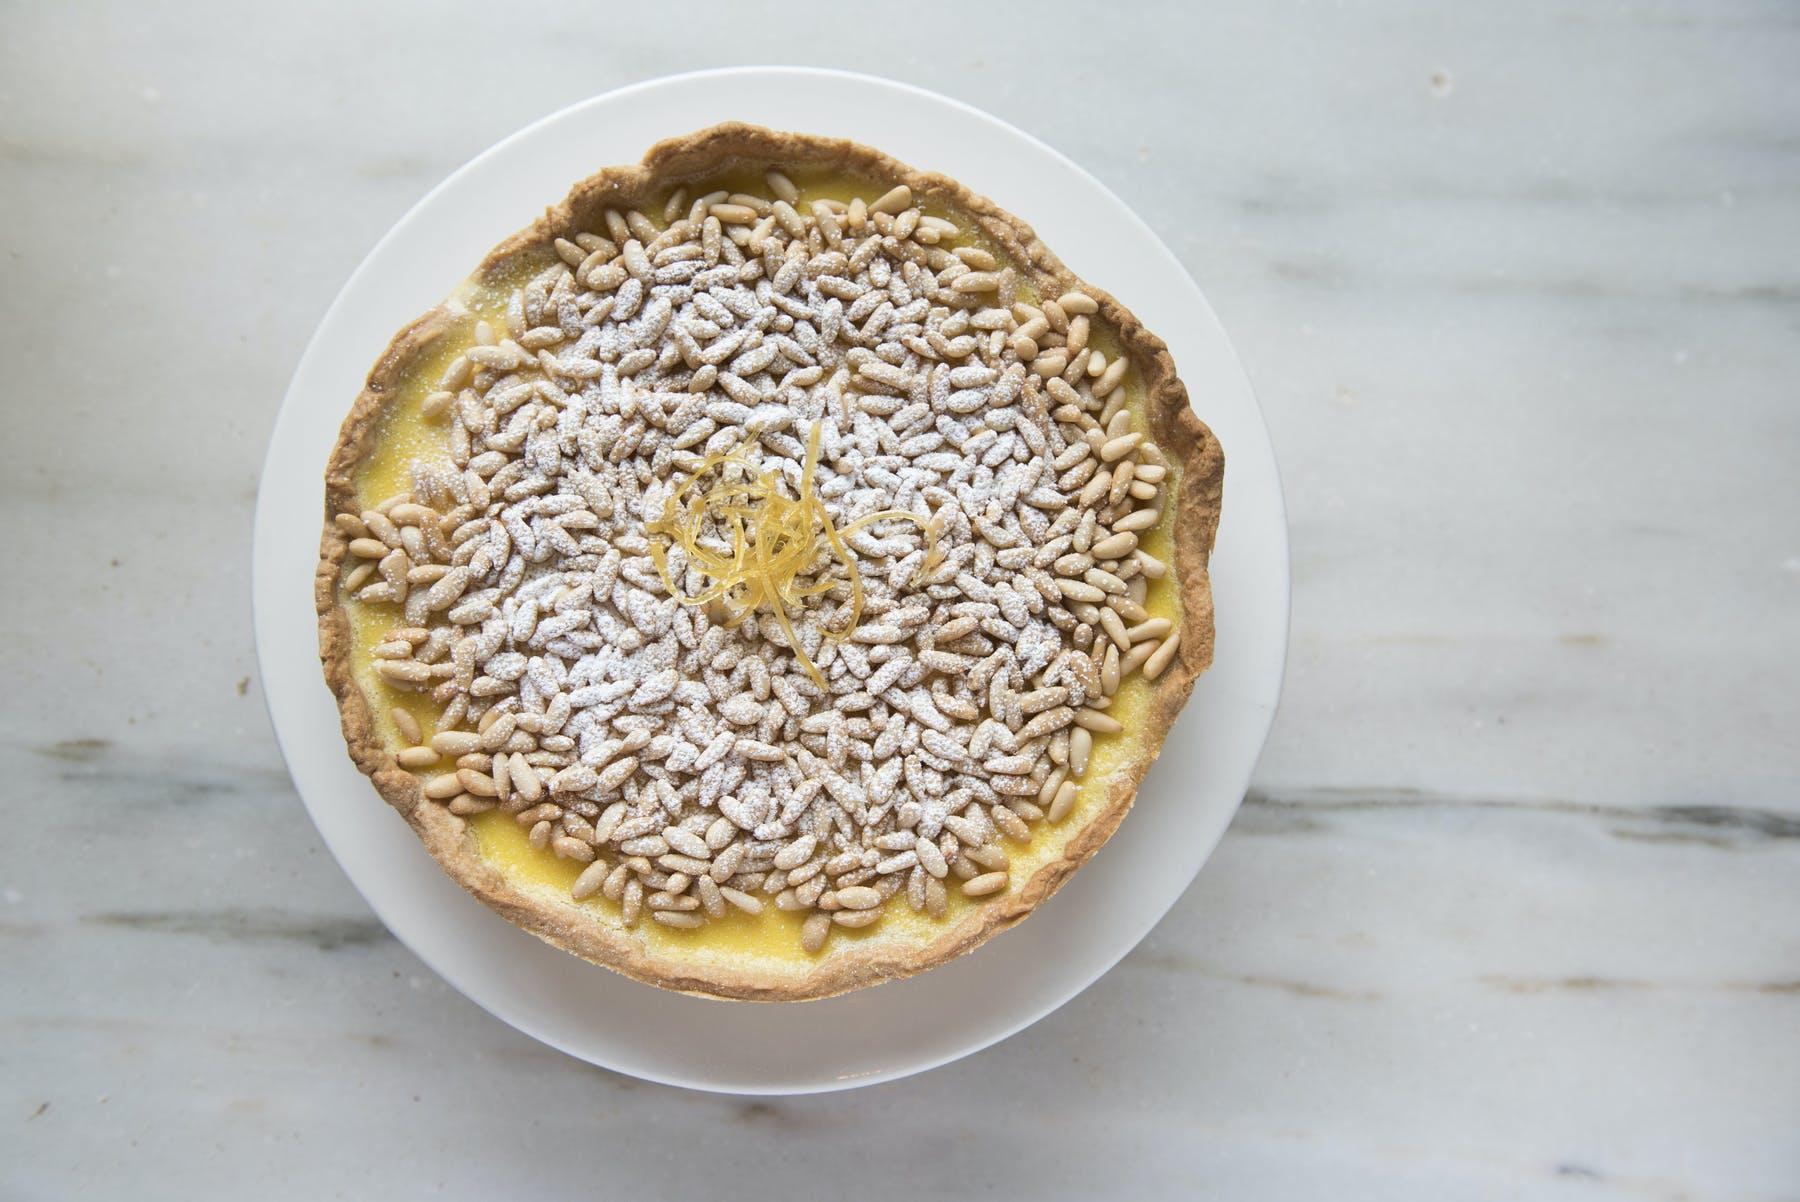 torta della nonna at Maialino